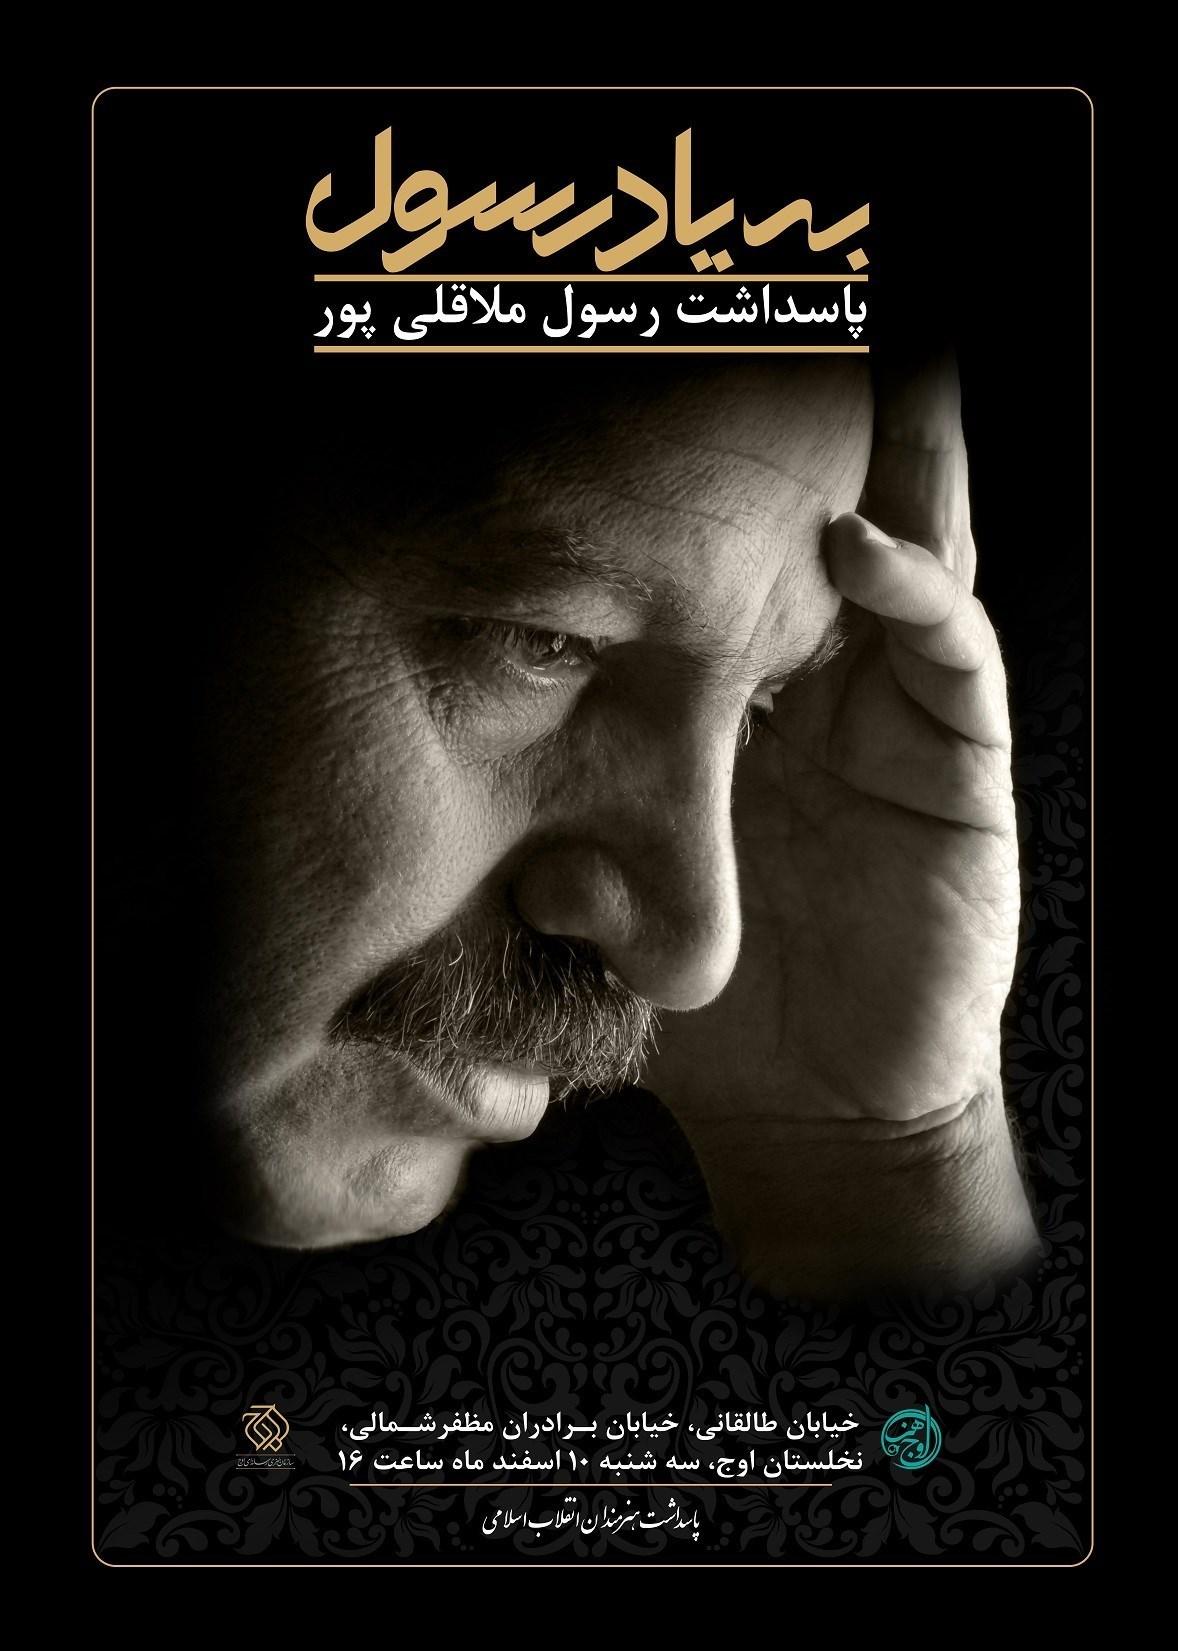 اخبار سینمای ایران    اوج هنر تجلیل از مرحوم رسول ملاقلی پور در سومین